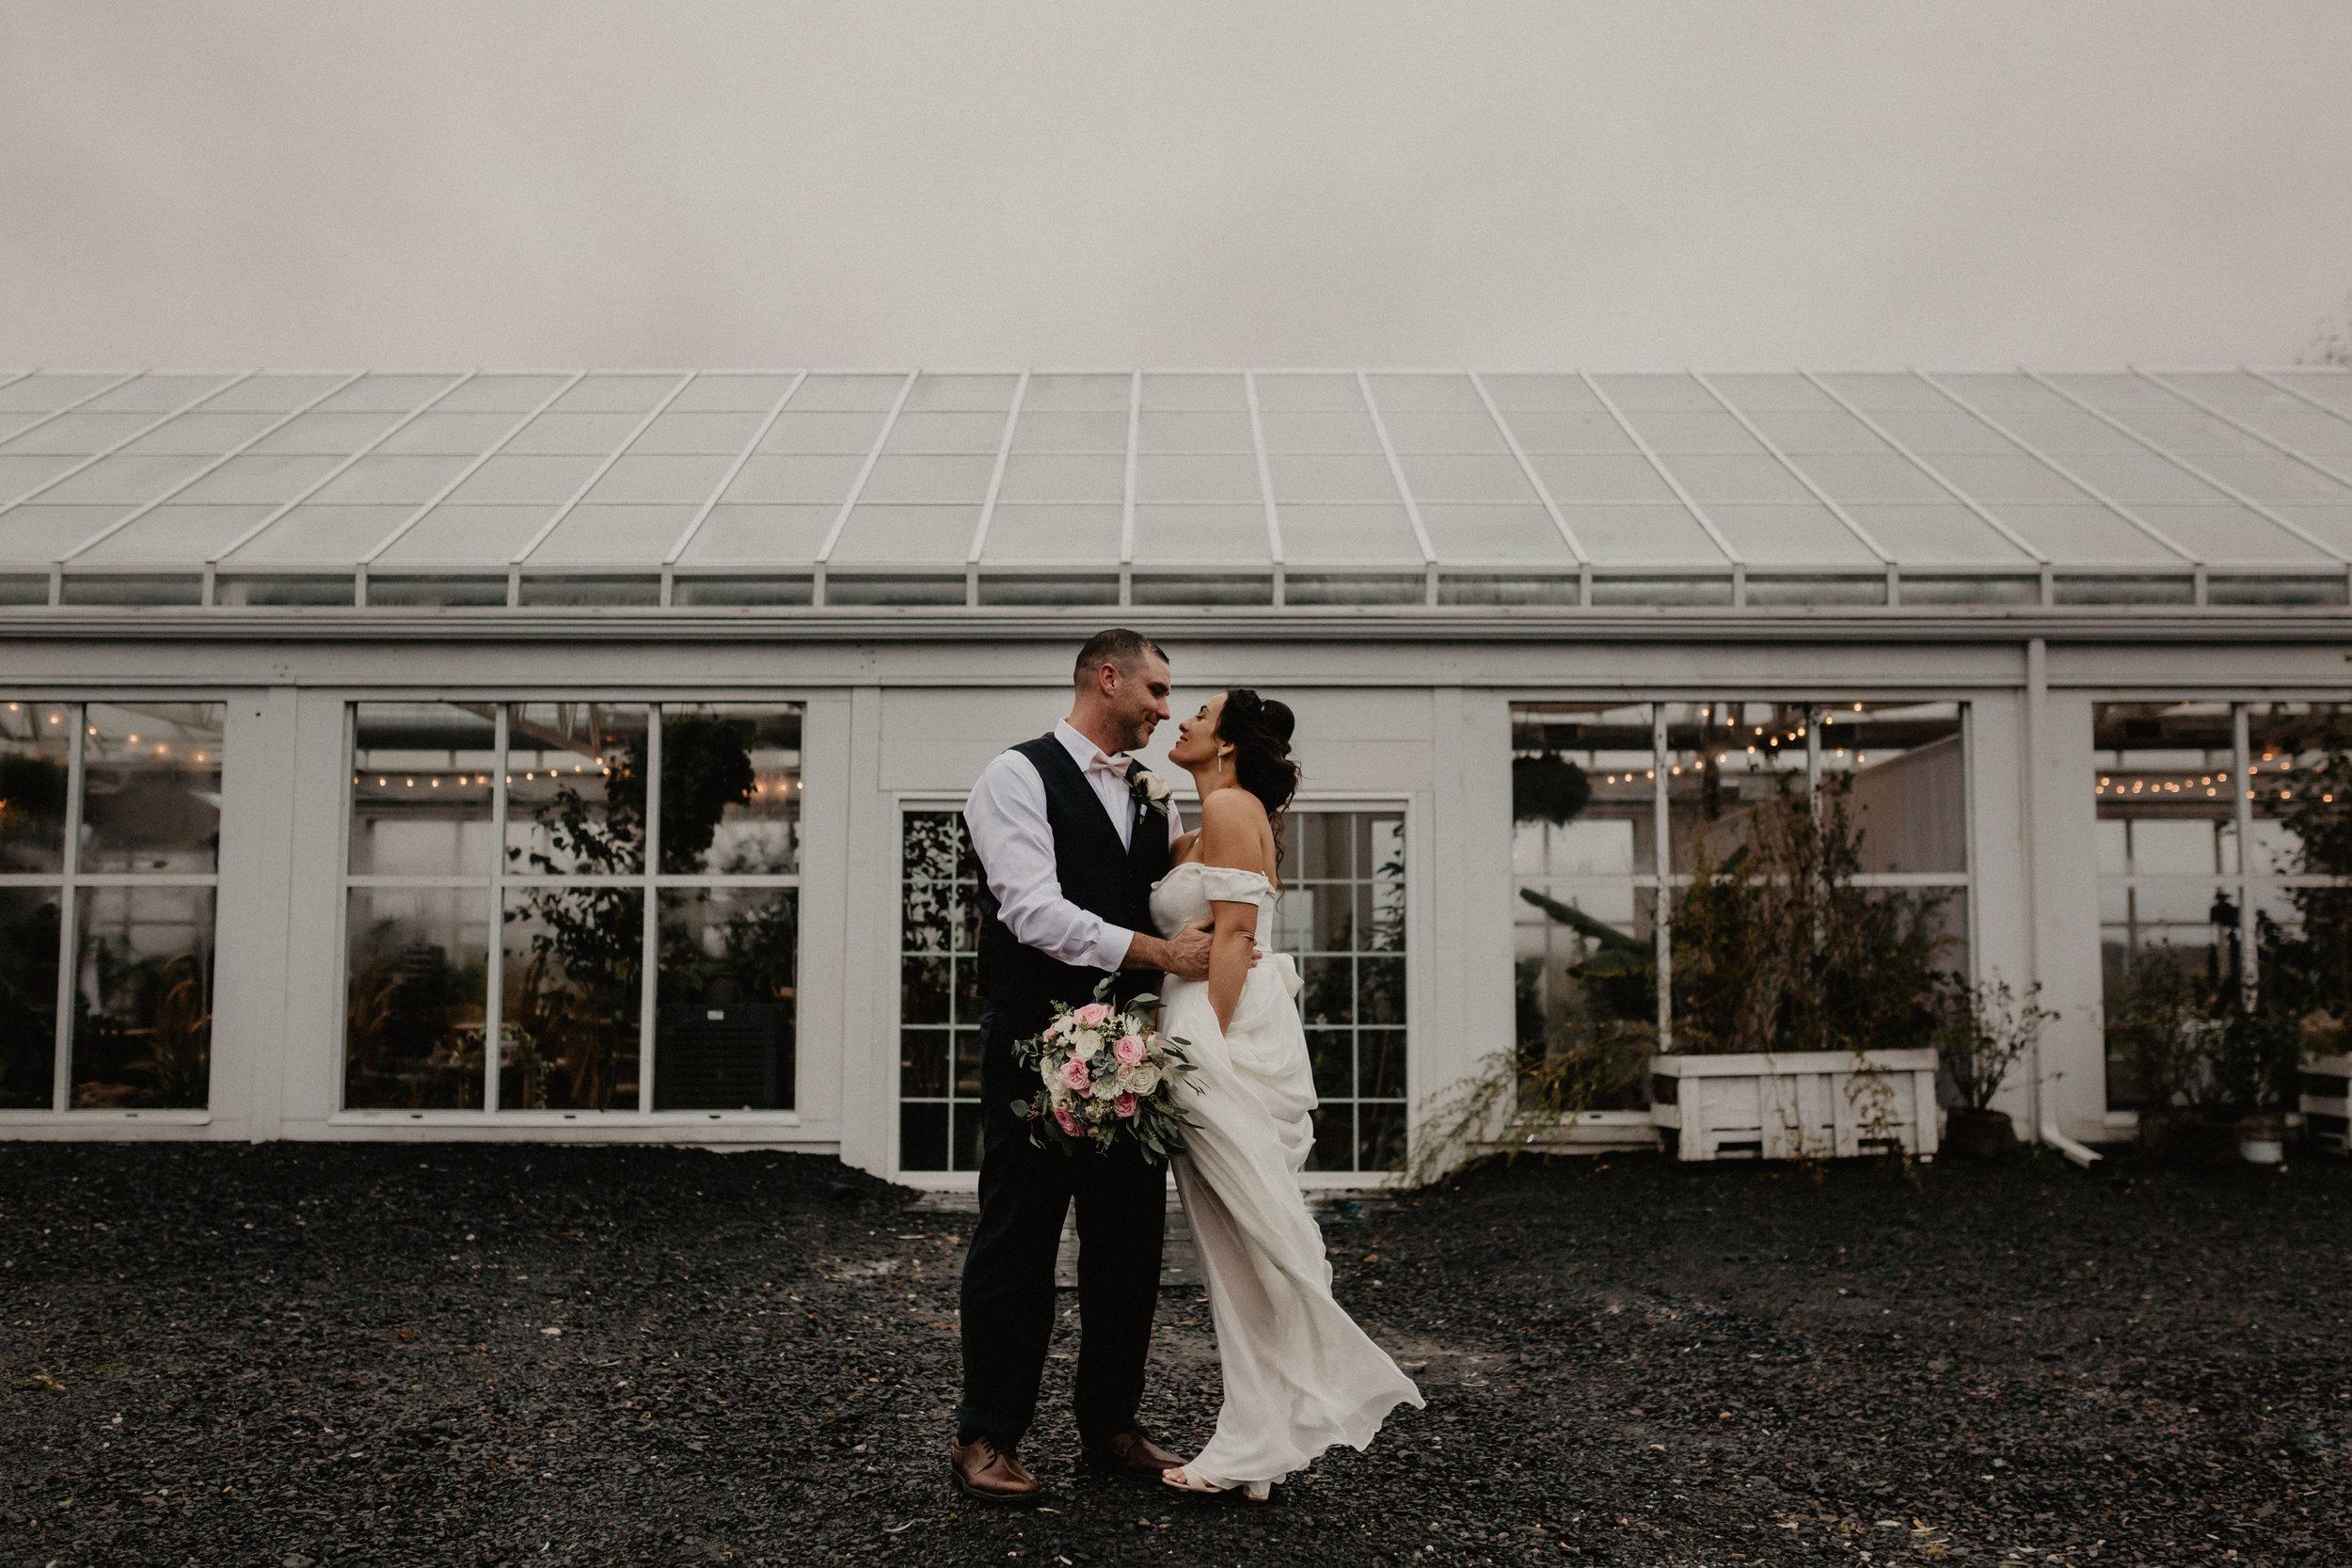 audreys_farmhouse_wedding_060.jpg